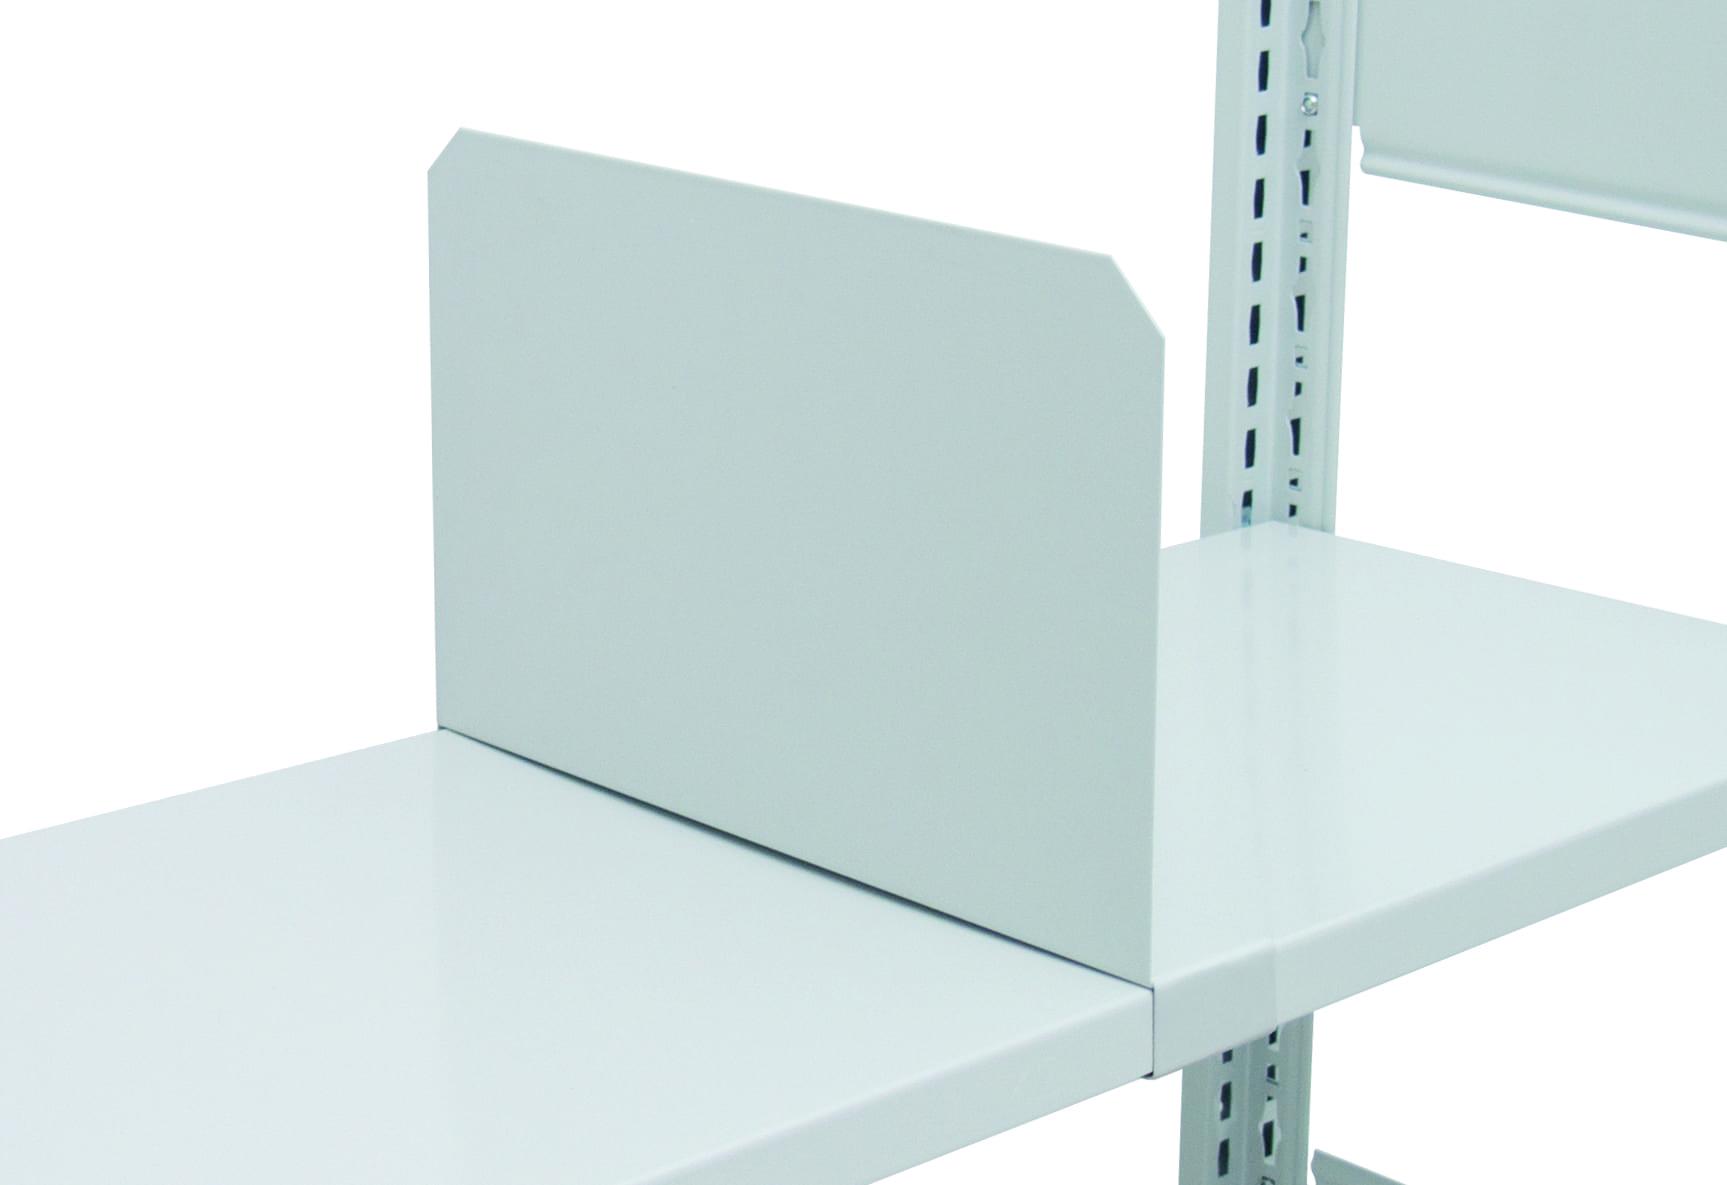 Fachteiler 500x200mm freistehend – frei verschiebbar – für 85kg & 150kg MULTIplus Fachböden